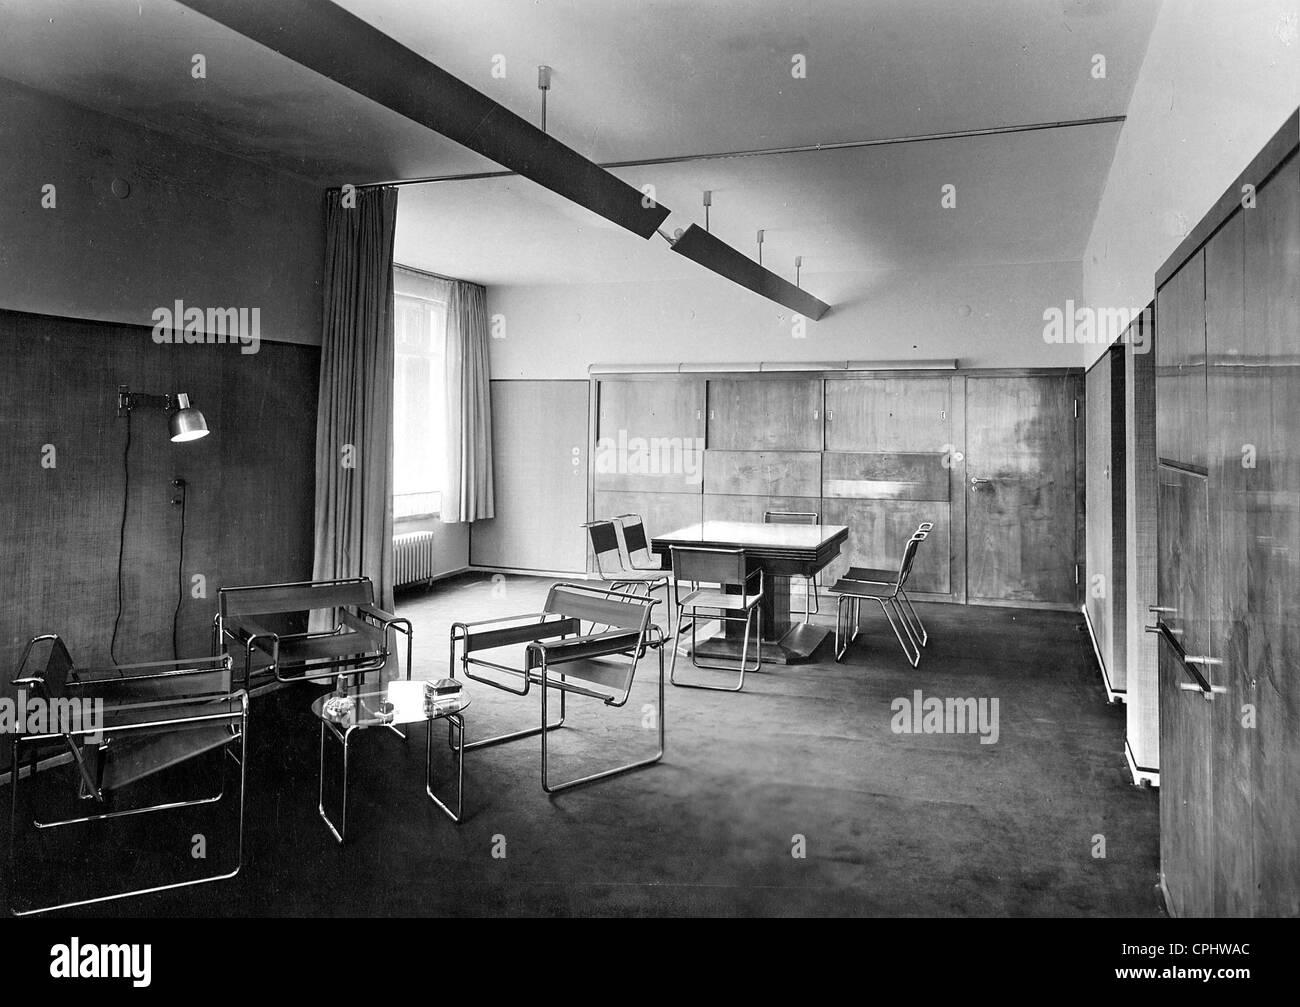 inneneinrichtung im bauhaus stil 1926 stockfoto bild 48336244 alamy. Black Bedroom Furniture Sets. Home Design Ideas